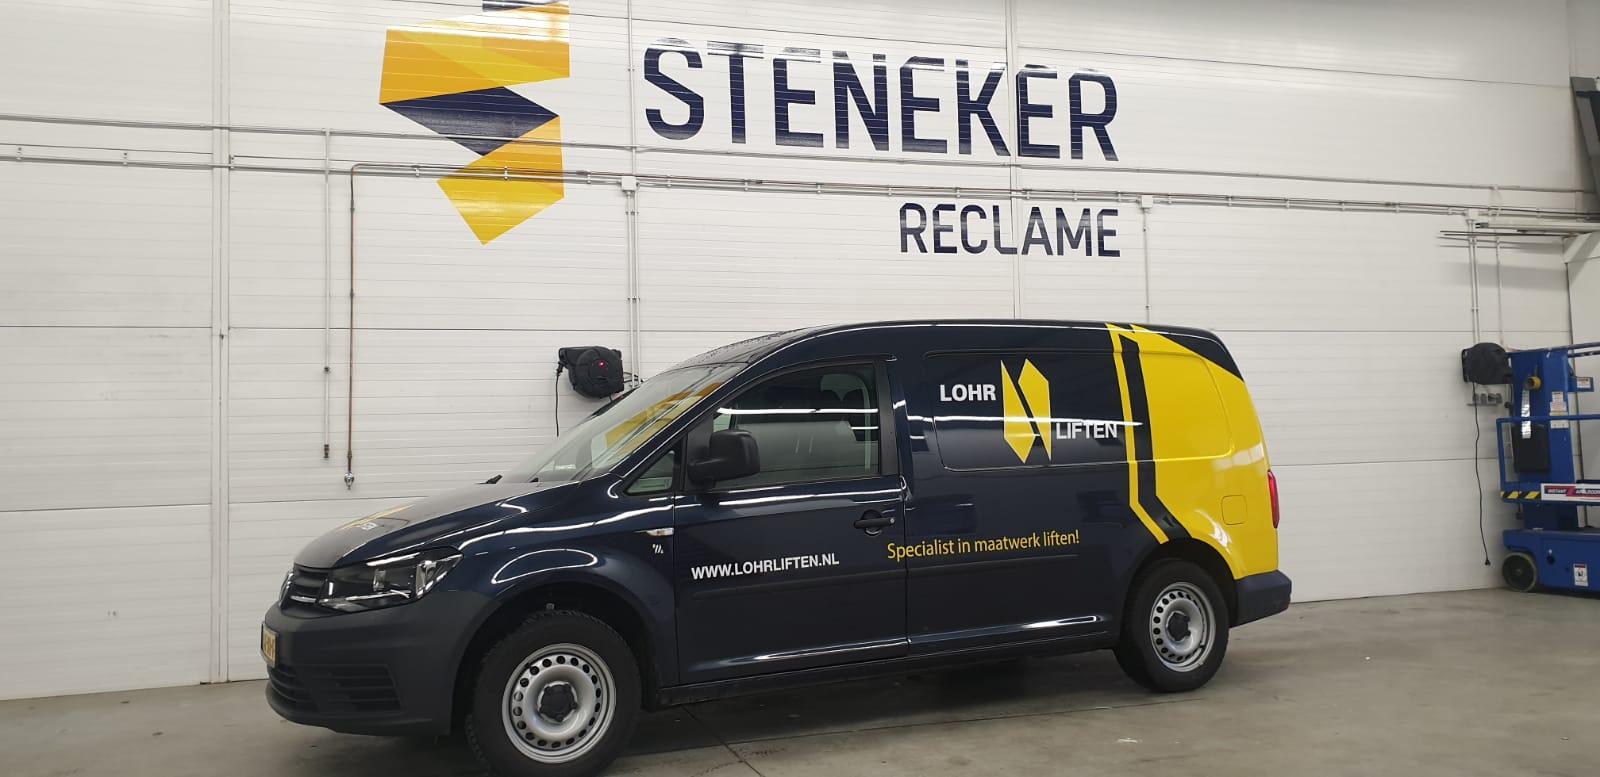 Steneker reclame, Apeldoorn, auto belettering, auto reclame, car wrap, window tinten, goedkoop, kwaliteit